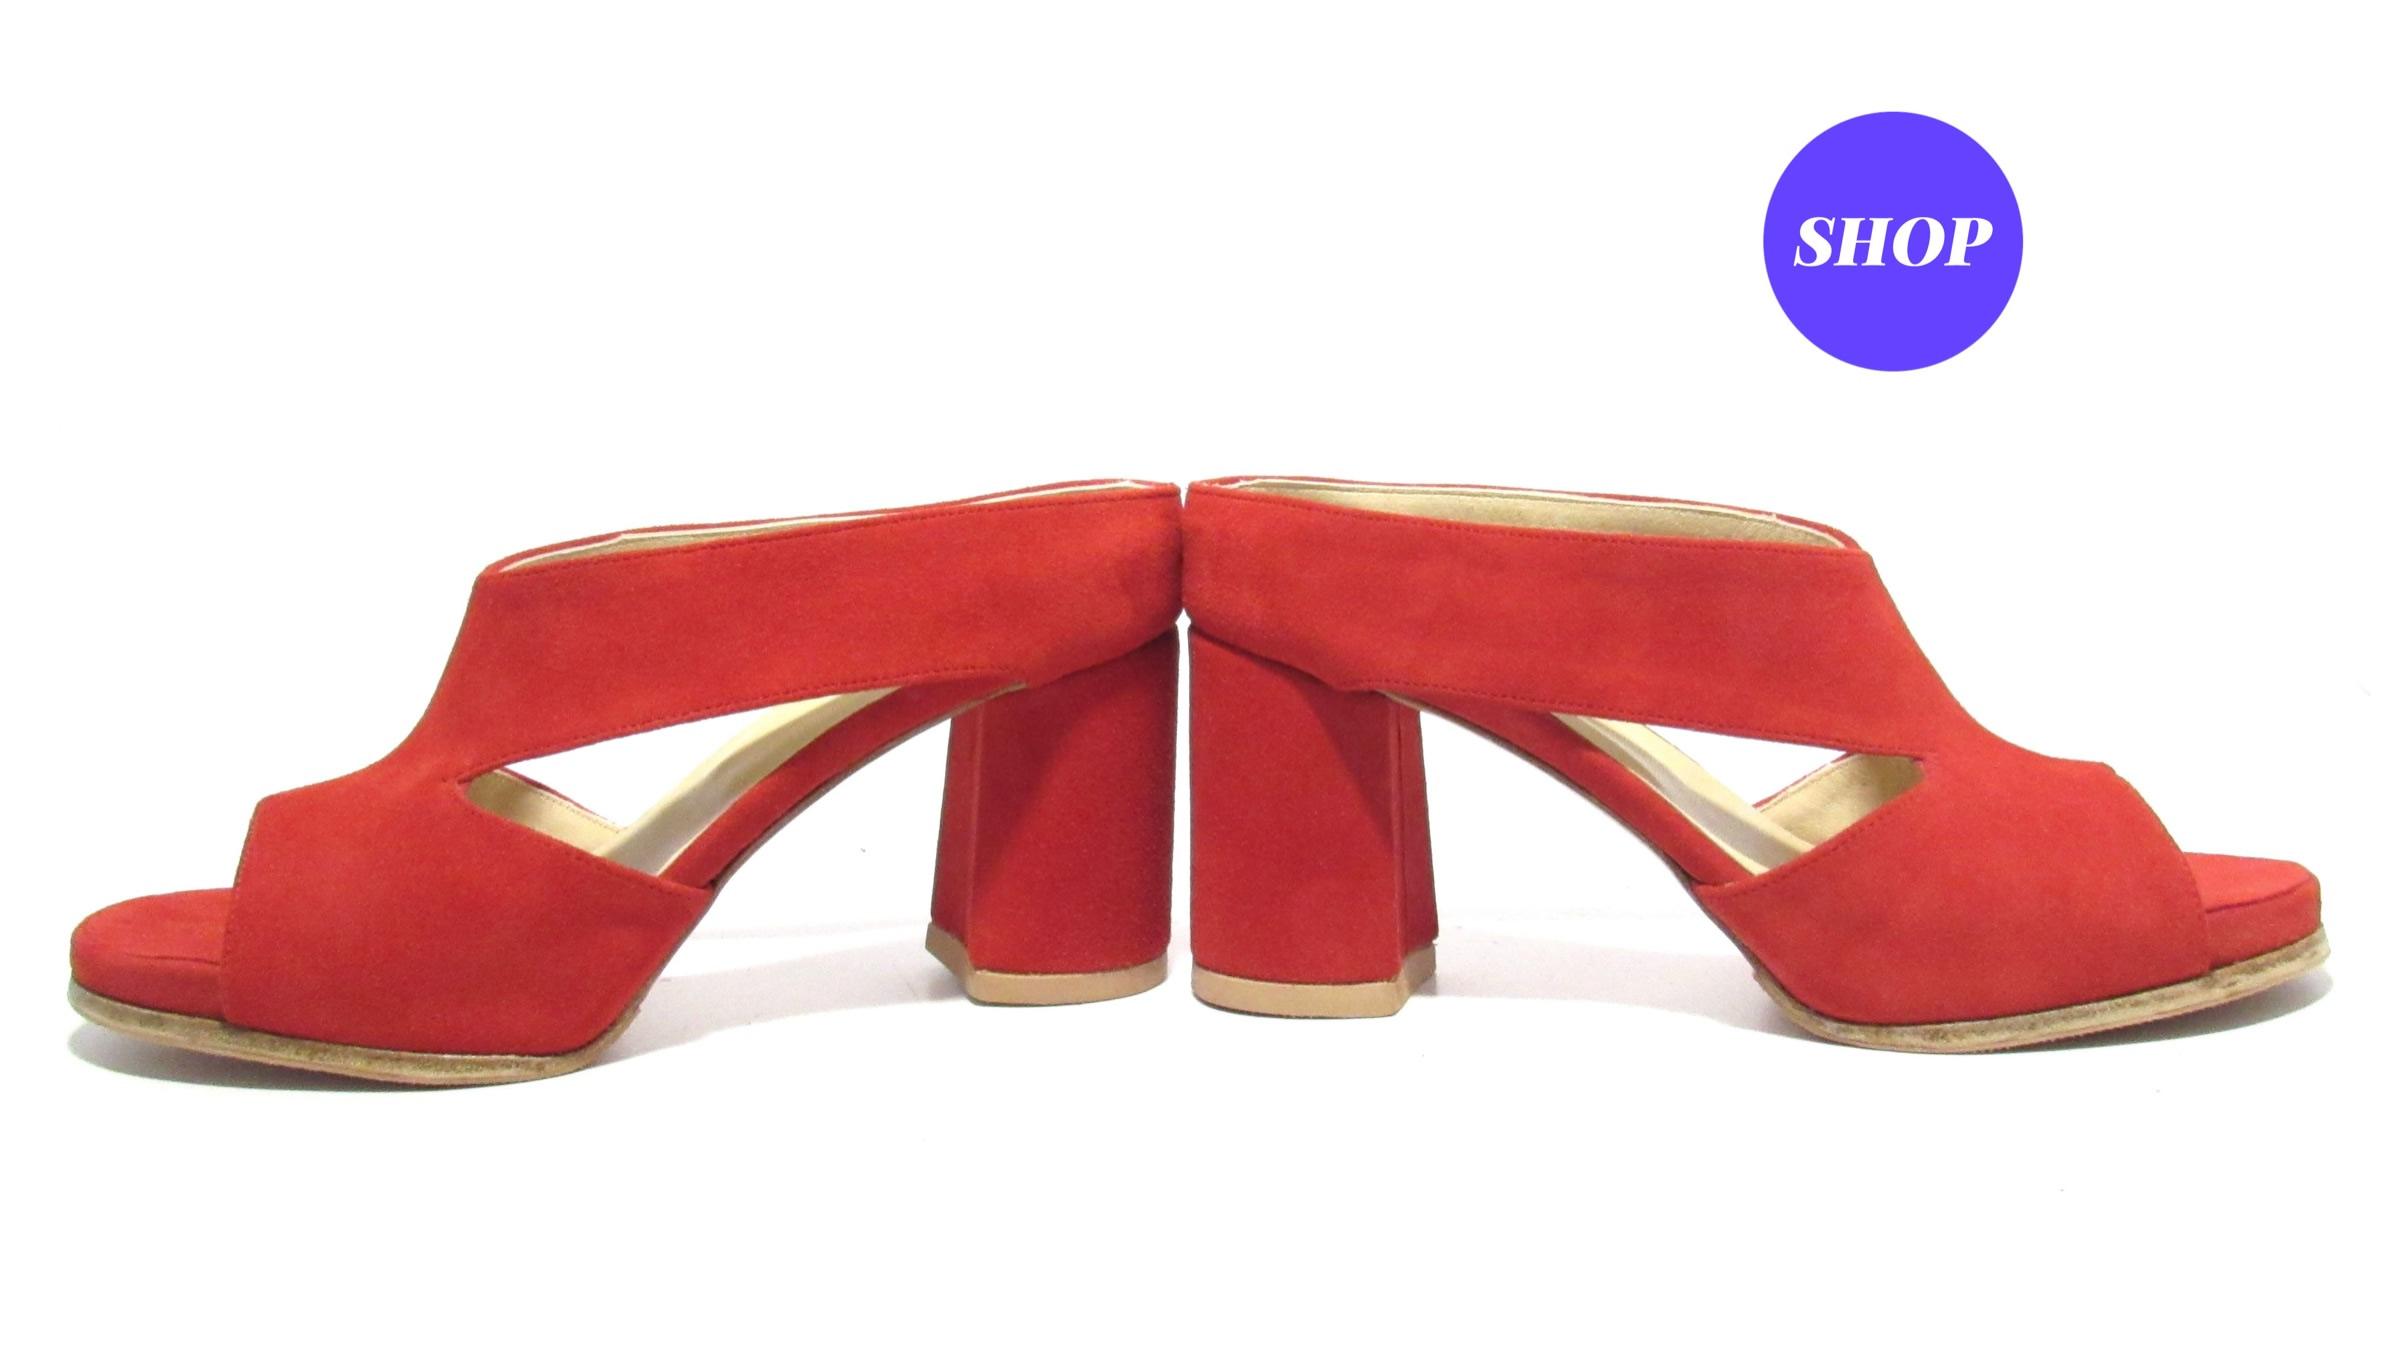 Scarpe made in italy - Le mastro scarpe fatte a mano maria laura berlinguer  stile italiano 529021eaa9c